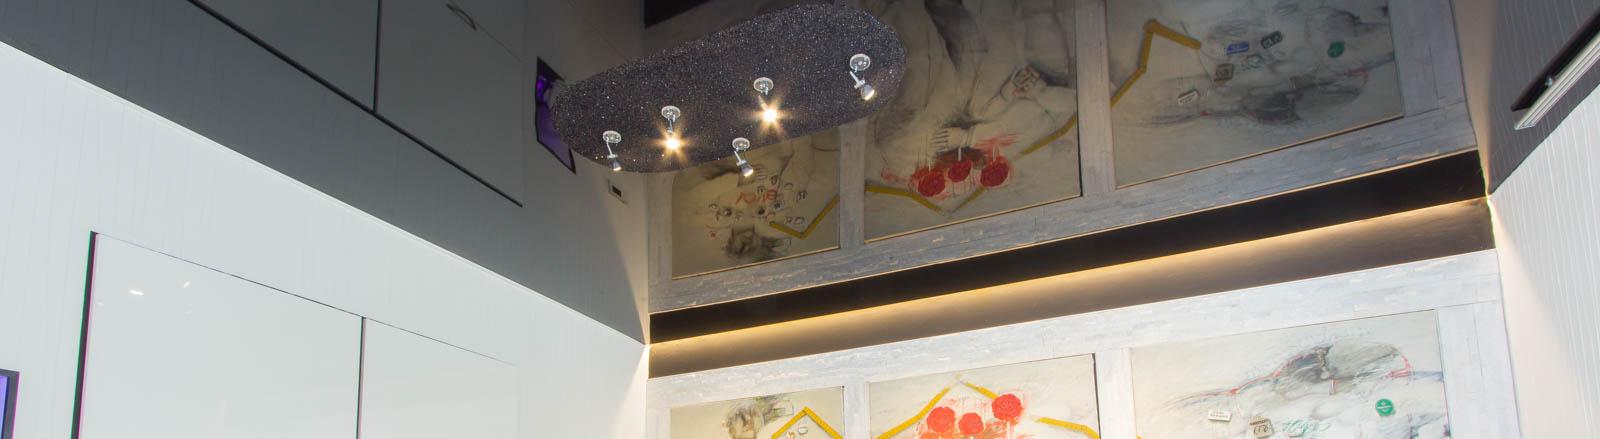 Schwarze Lackdecke im Esszimmer mit LED-Strahlern